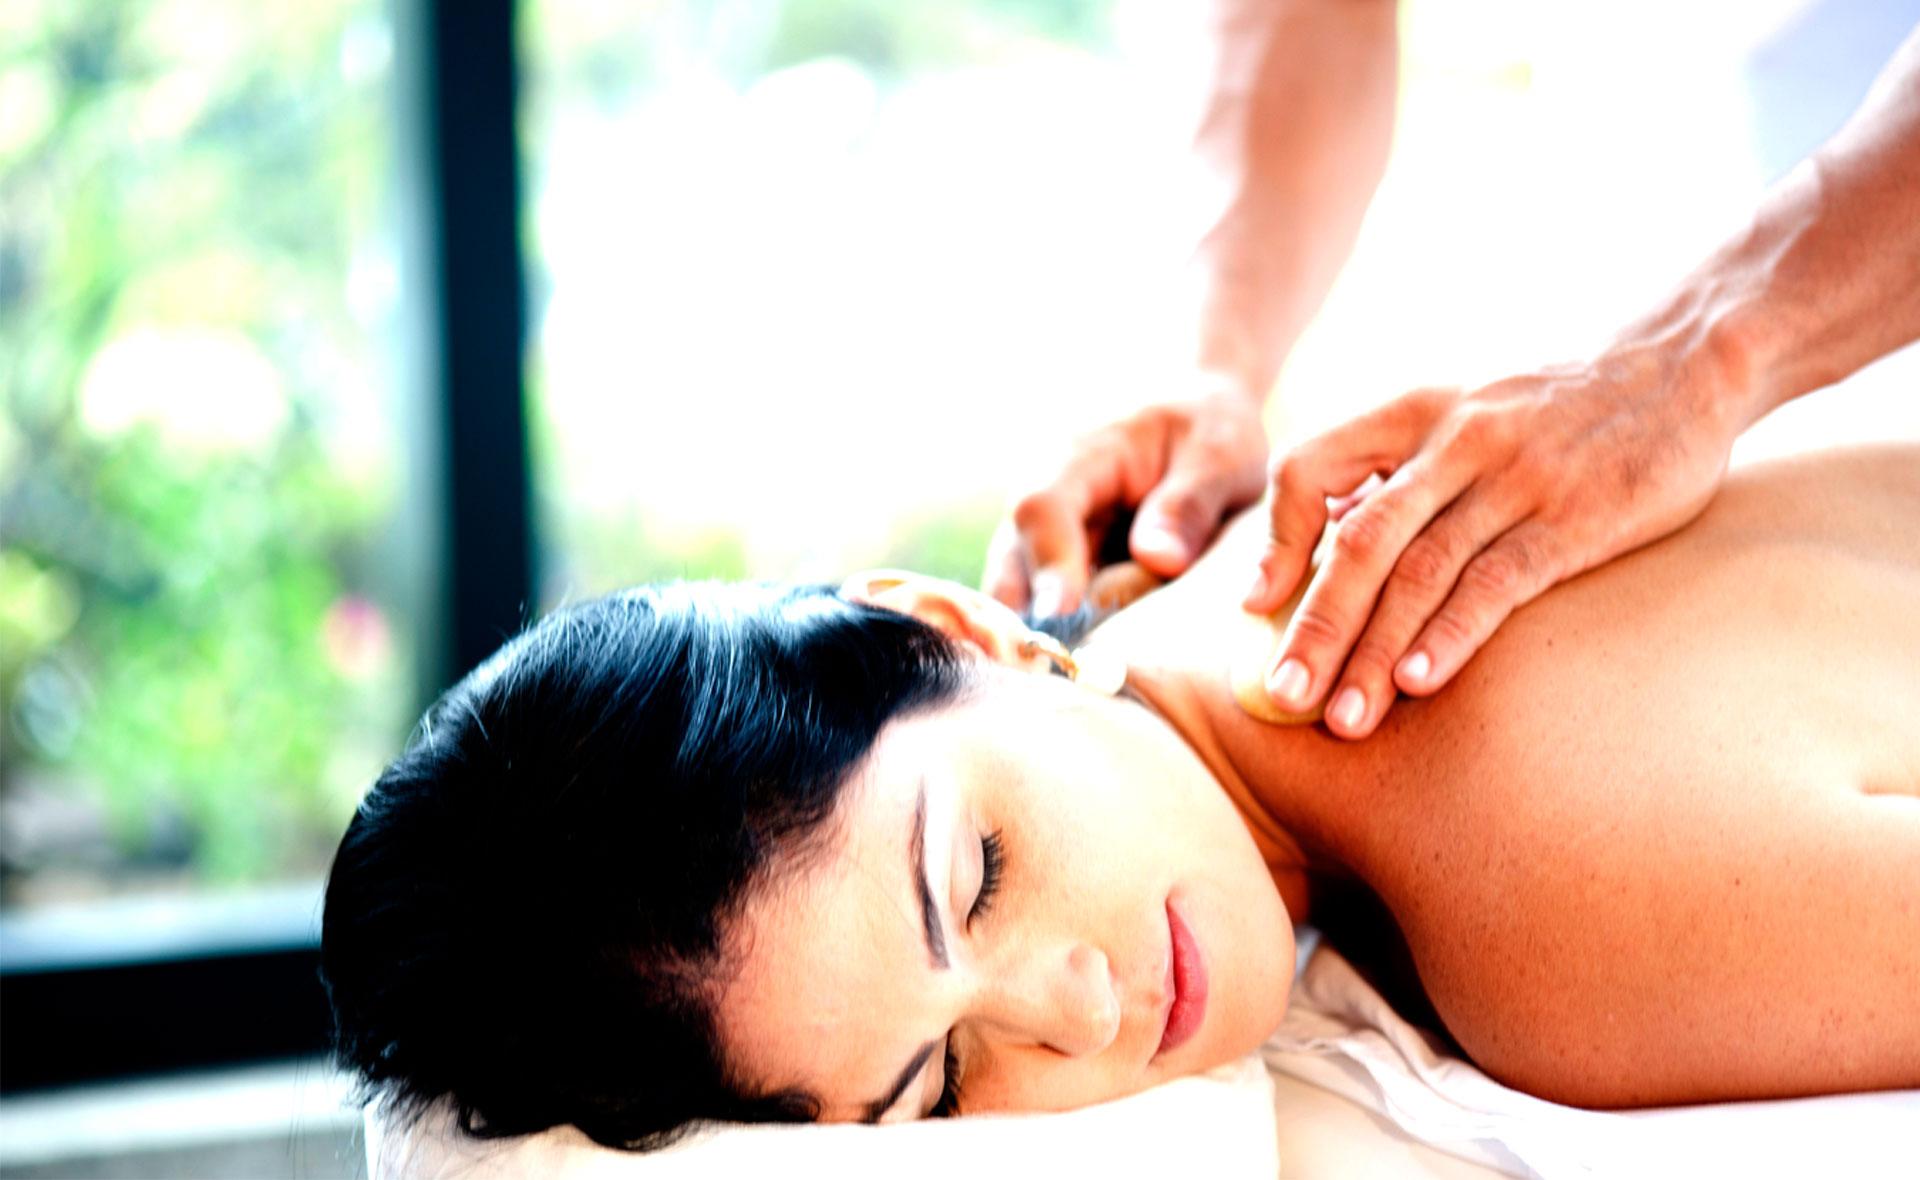 Uma mulher sendo massageada